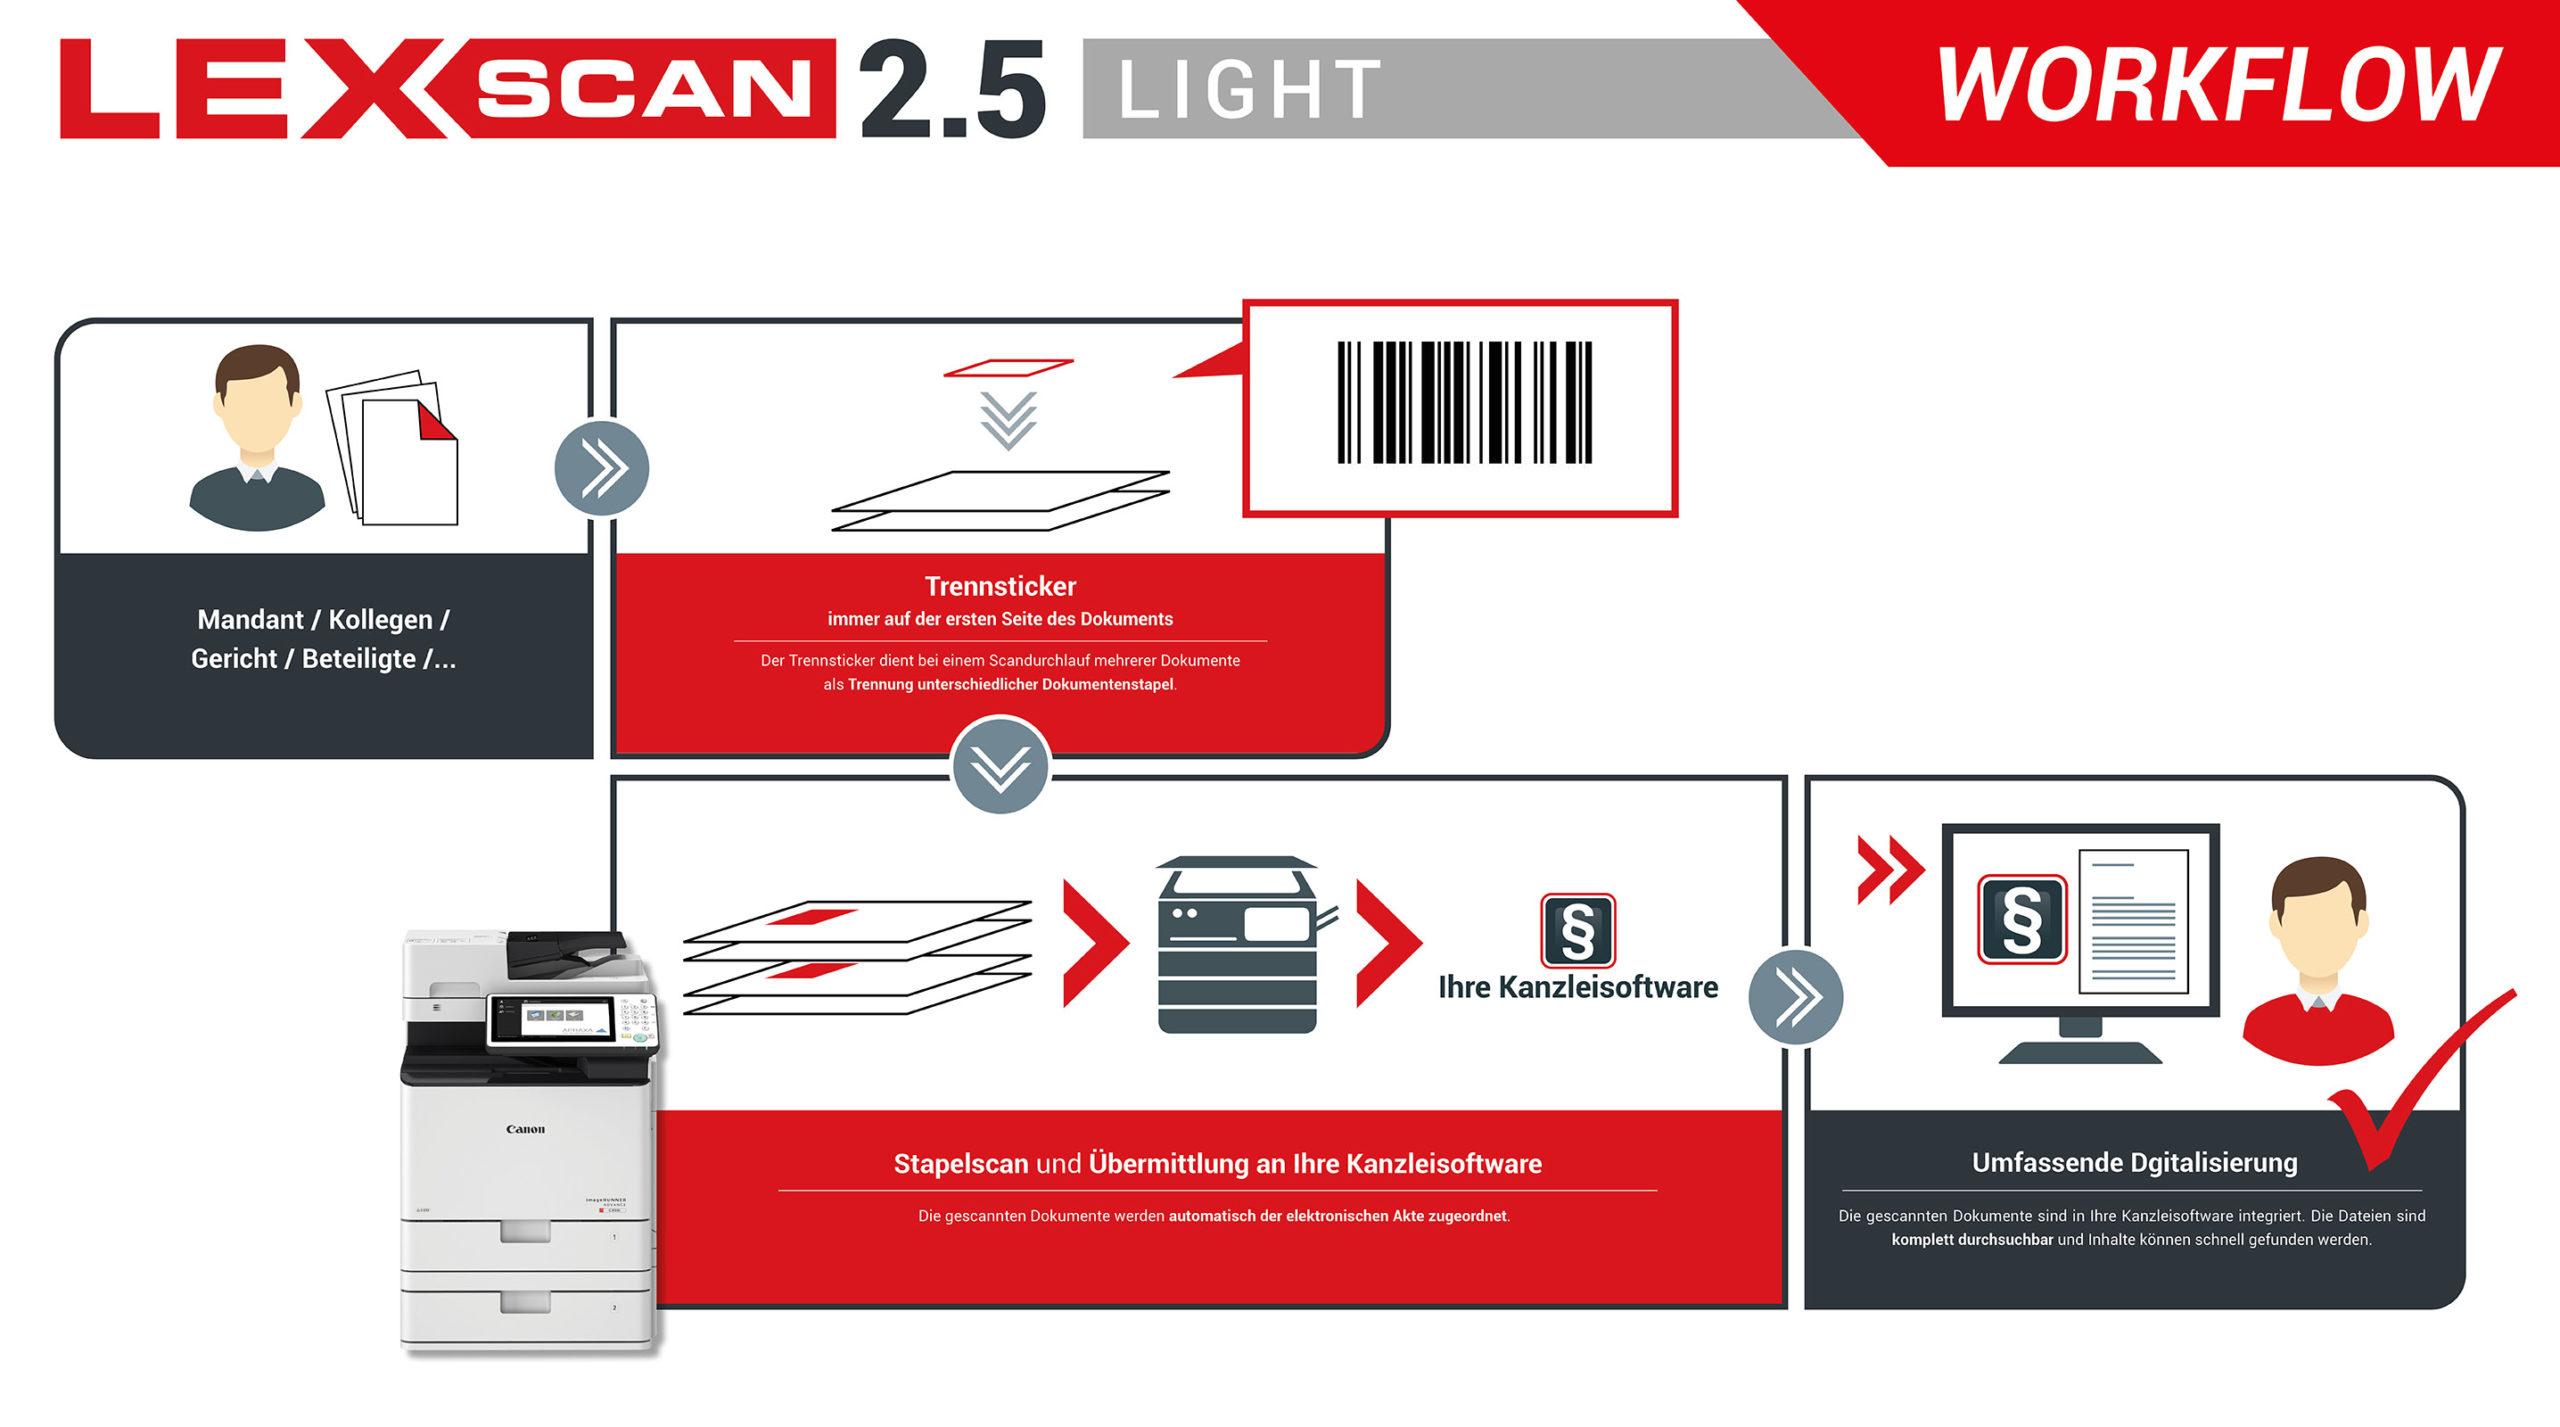 Lexscan 2.5 Light Schaubild